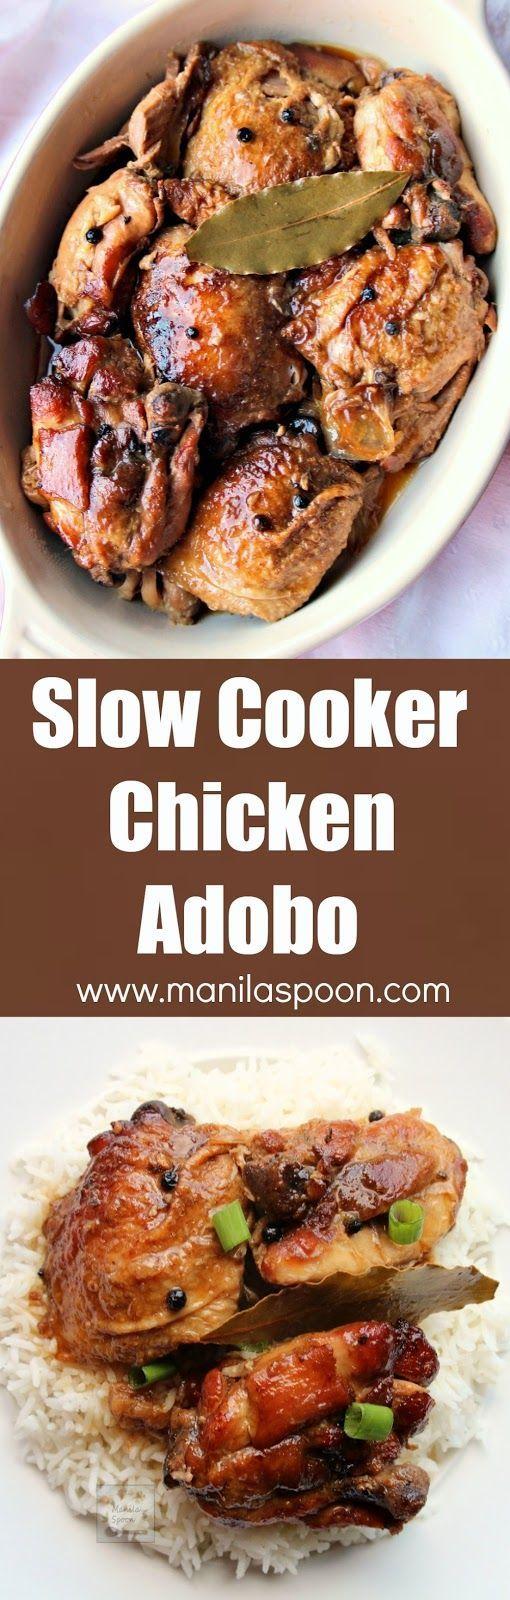 ... chicken adobo rice vinegar chicken leaves bays soy sauce garlic clove